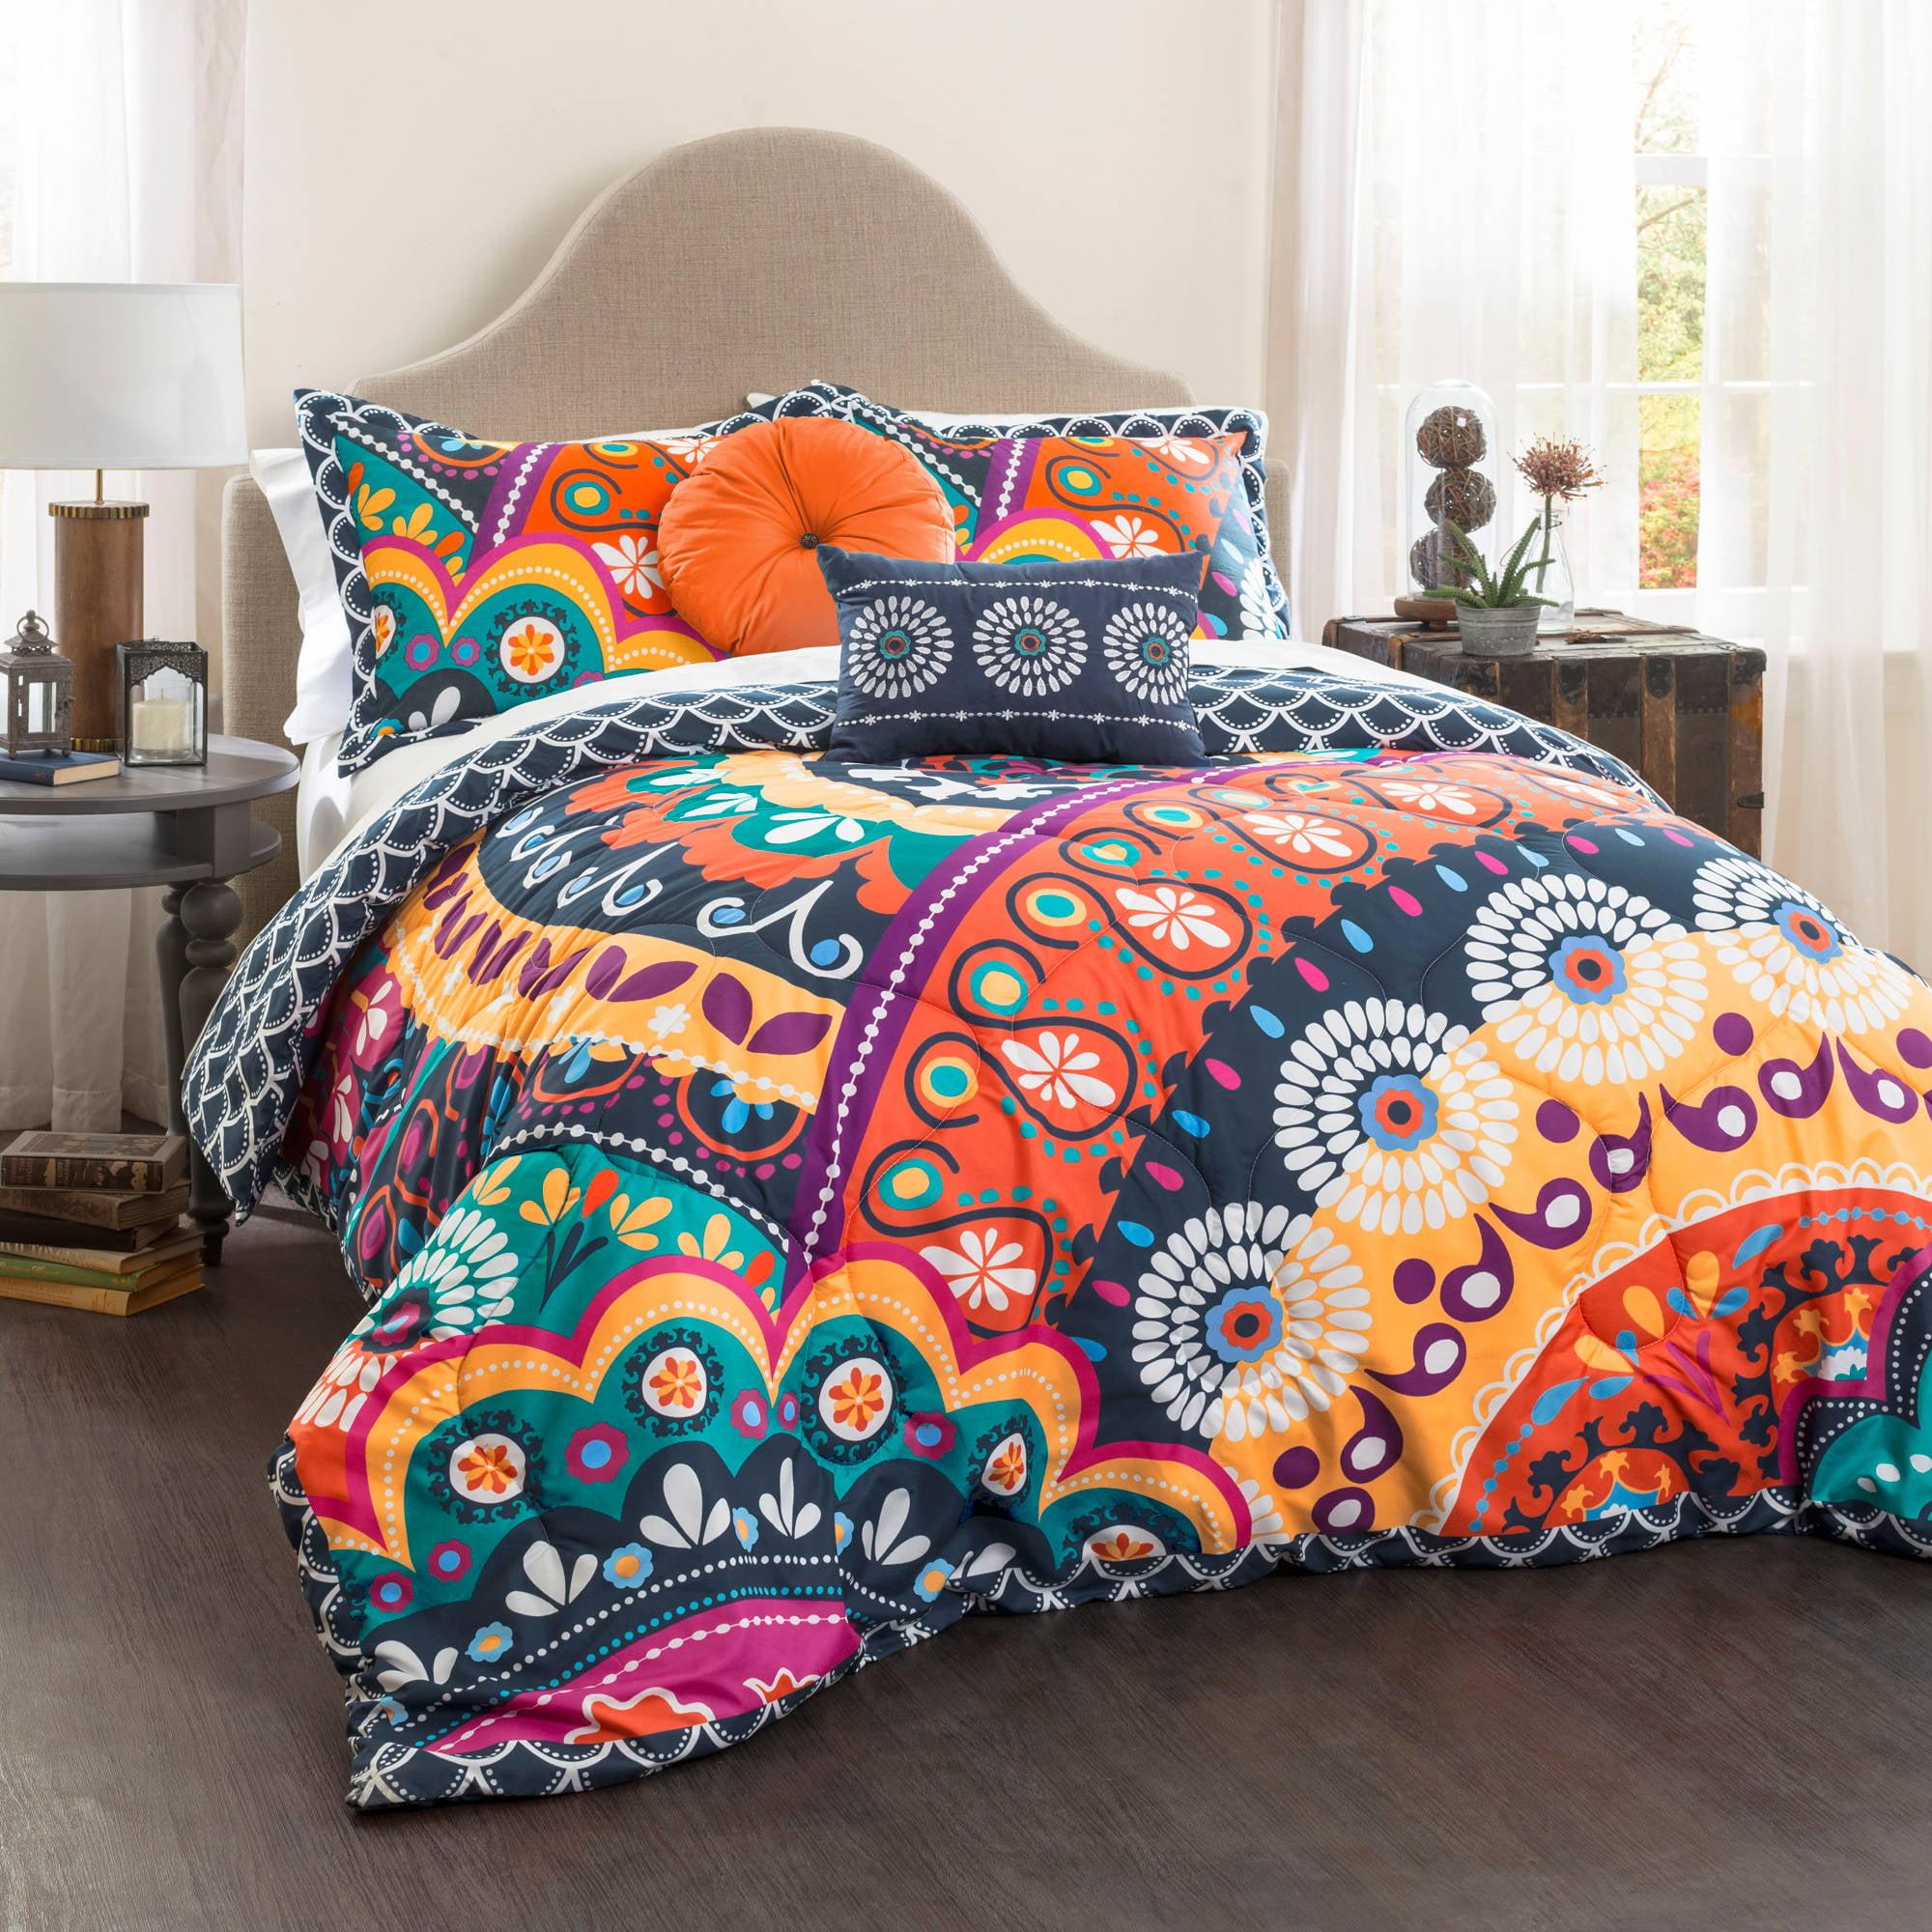 Maya Quilted Comforter Navy/Orange 5-Piece Set, King ...